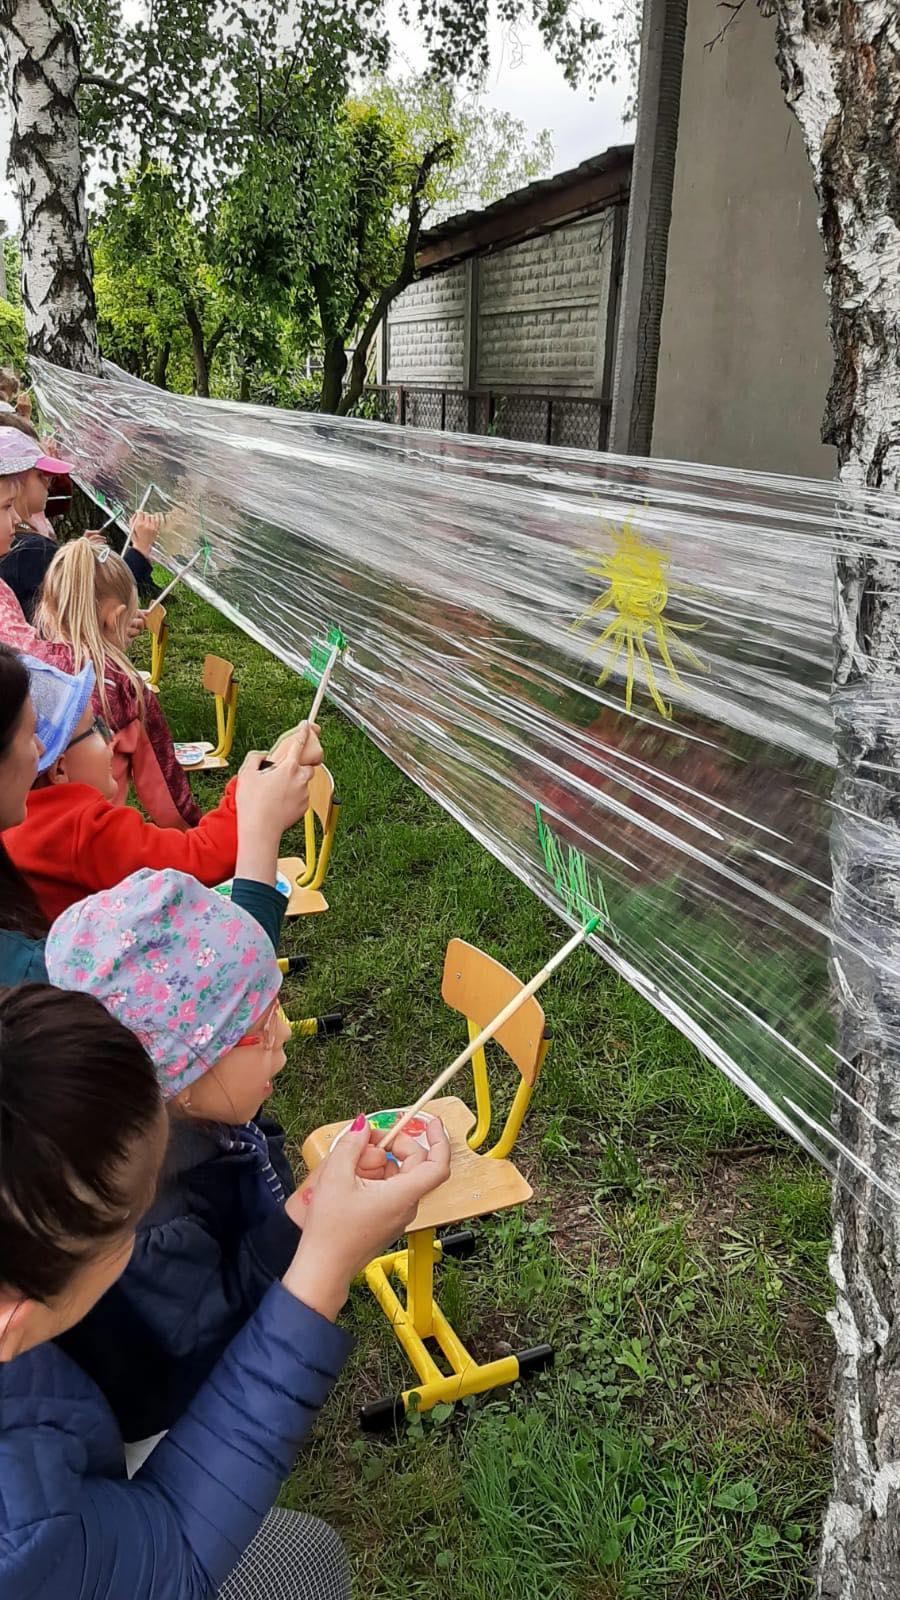 Dzieci na dworze malują farbami na folii zawieszonej pomiędzy 2 drzewami.